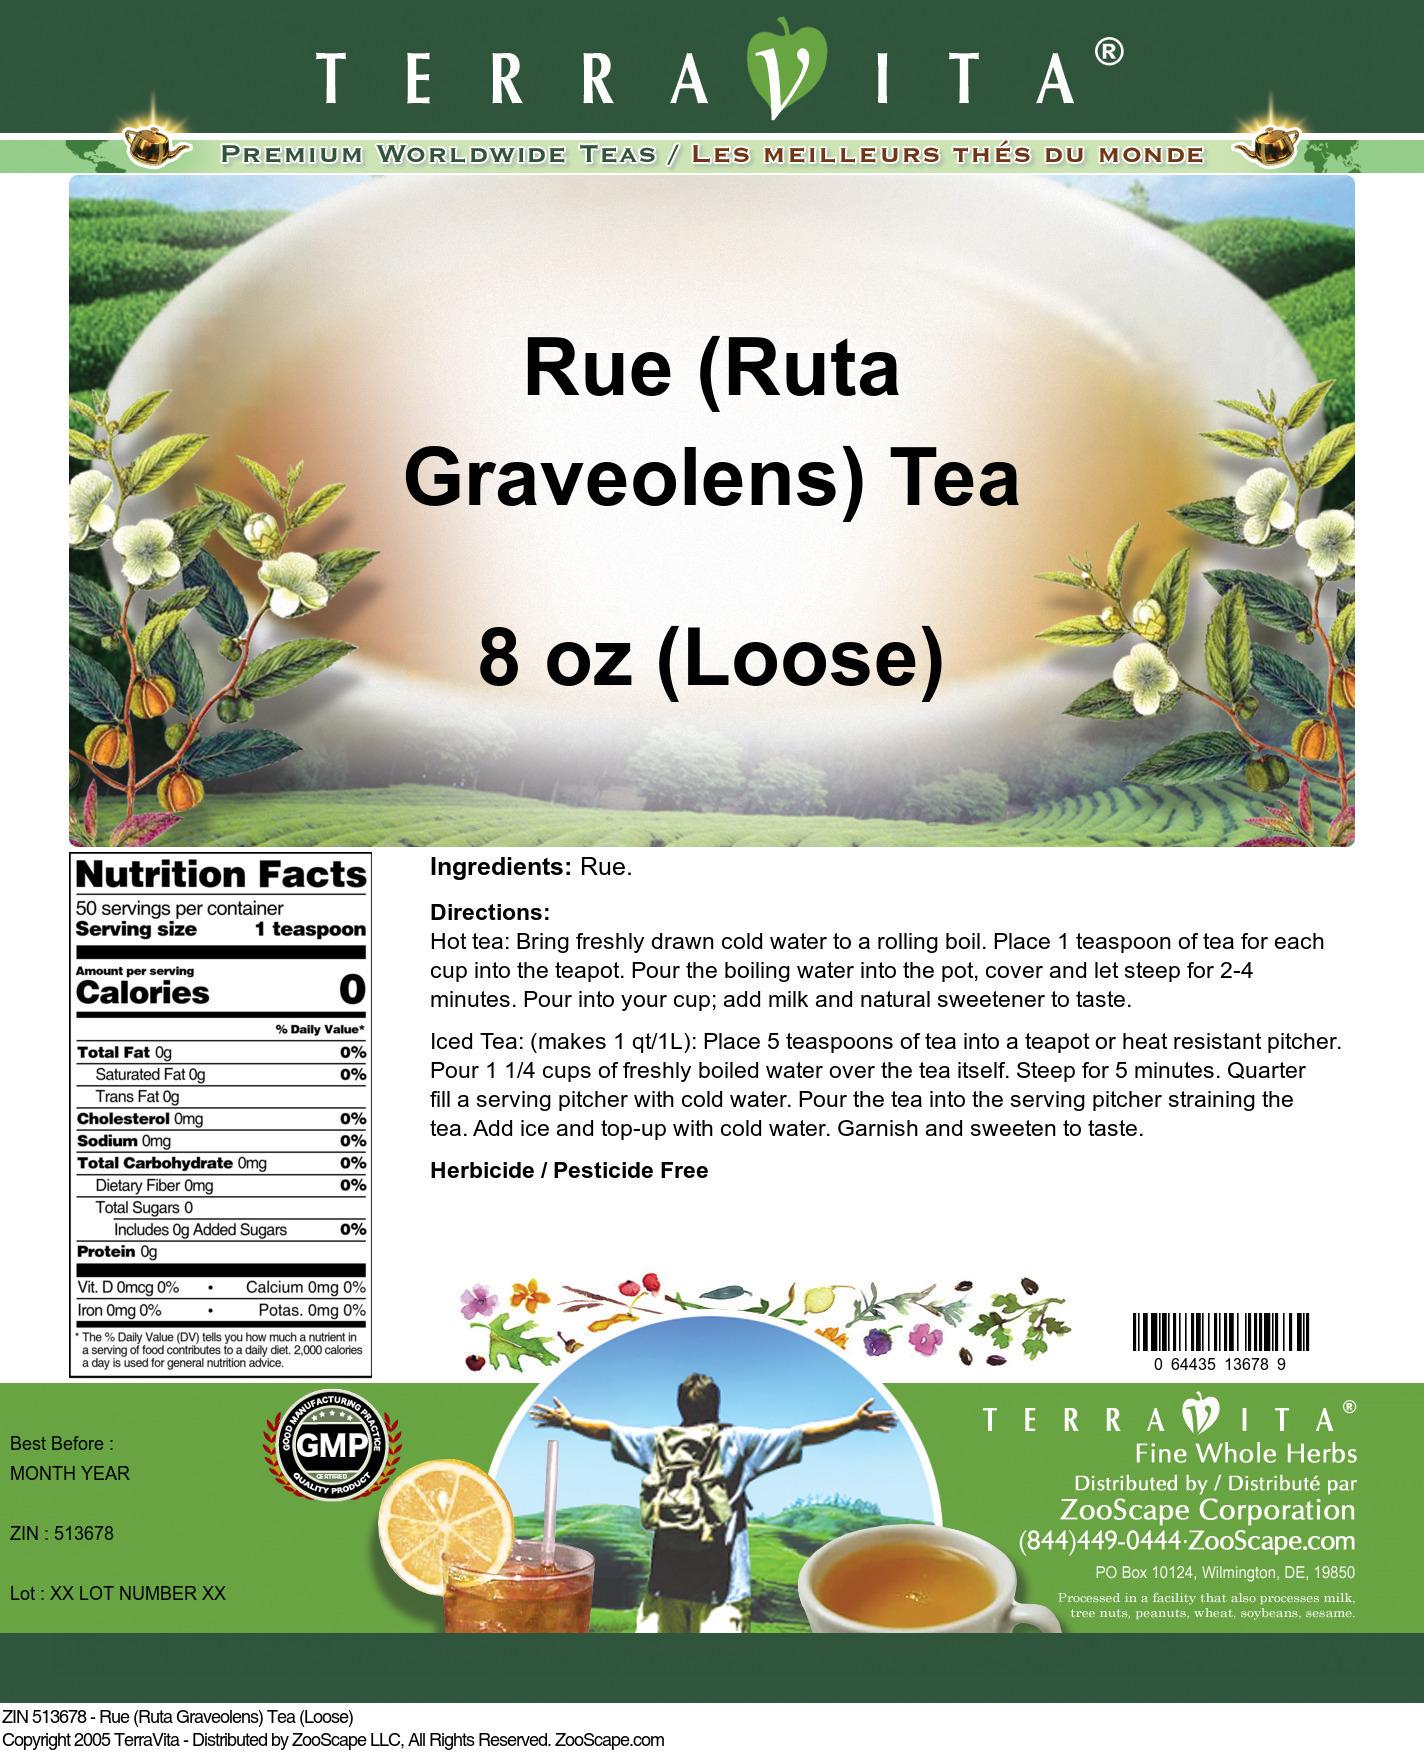 Rue (Ruta Graveolens) Tea (Loose)